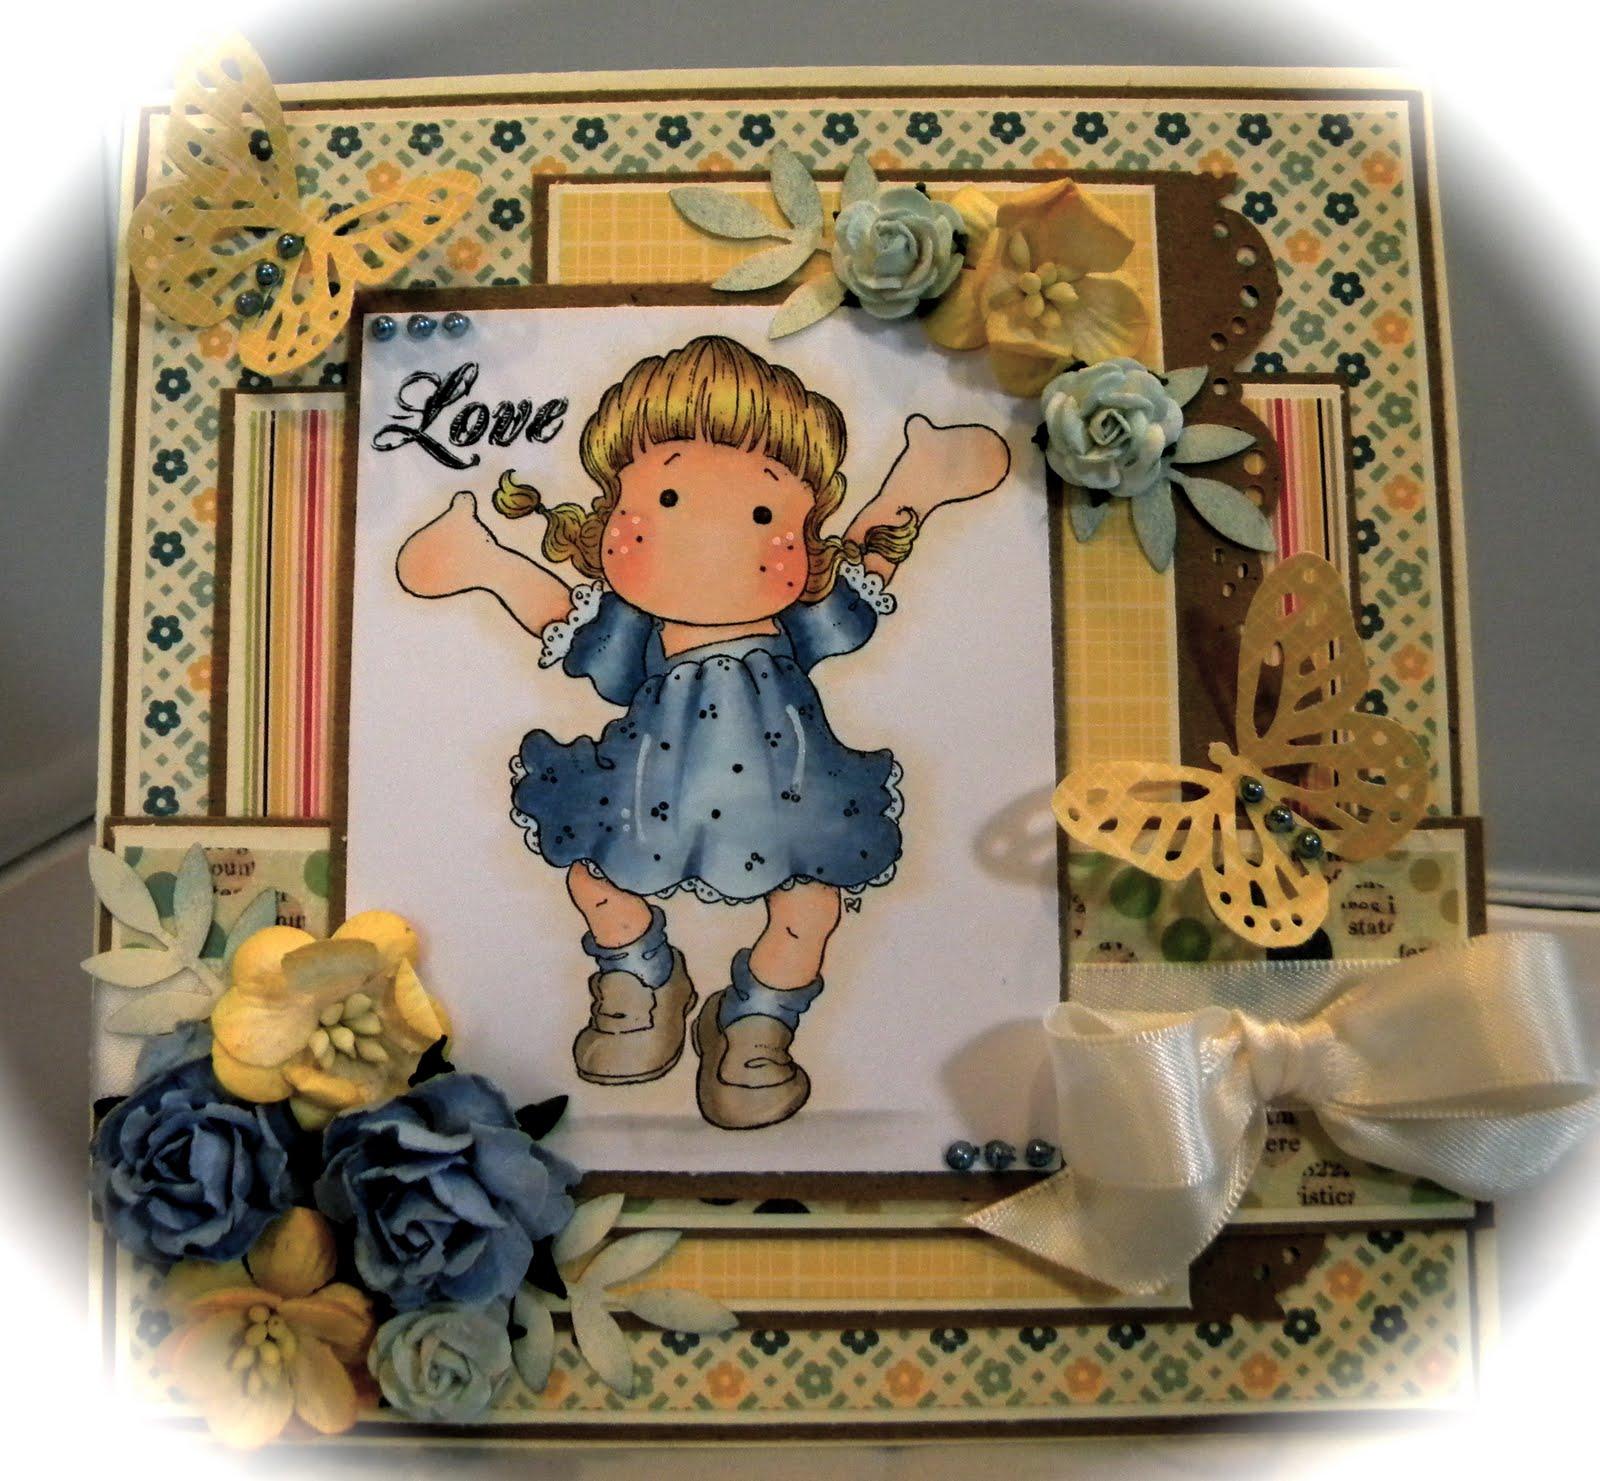 http://3.bp.blogspot.com/-j4waMp2jPU0/TWAryT33EWI/AAAAAAAABME/WCrF_8sqFzw/s1600/DSCN2586.JPG